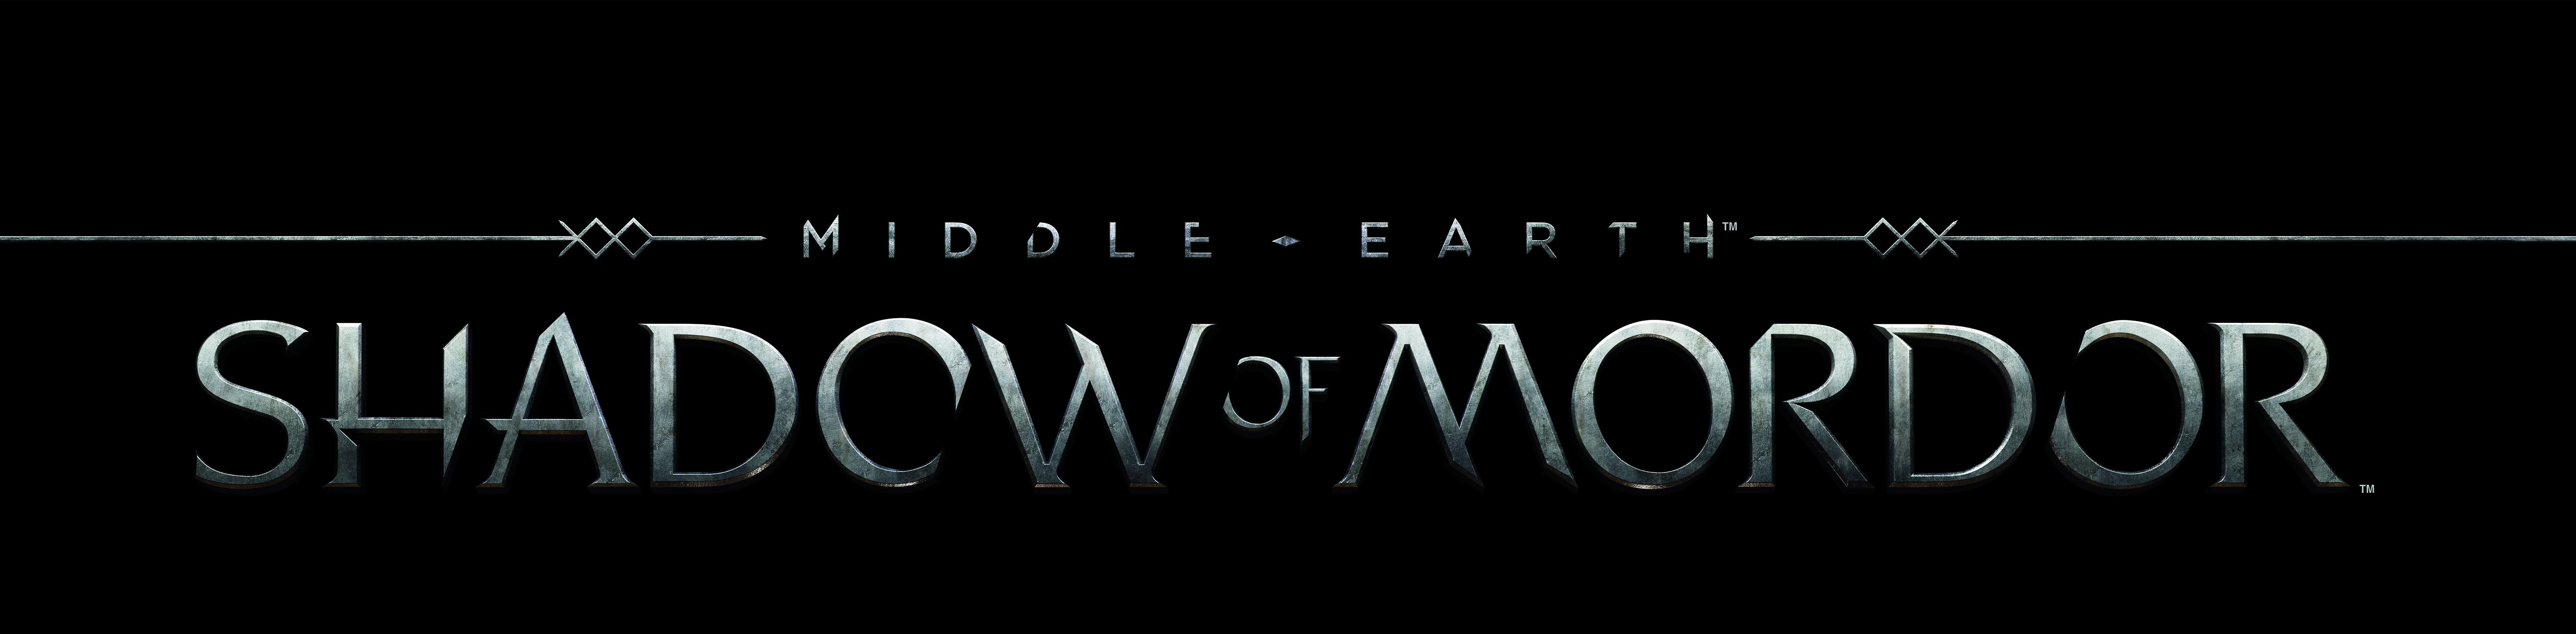 shadow of mordor-logo_english_fin2_horzsmall